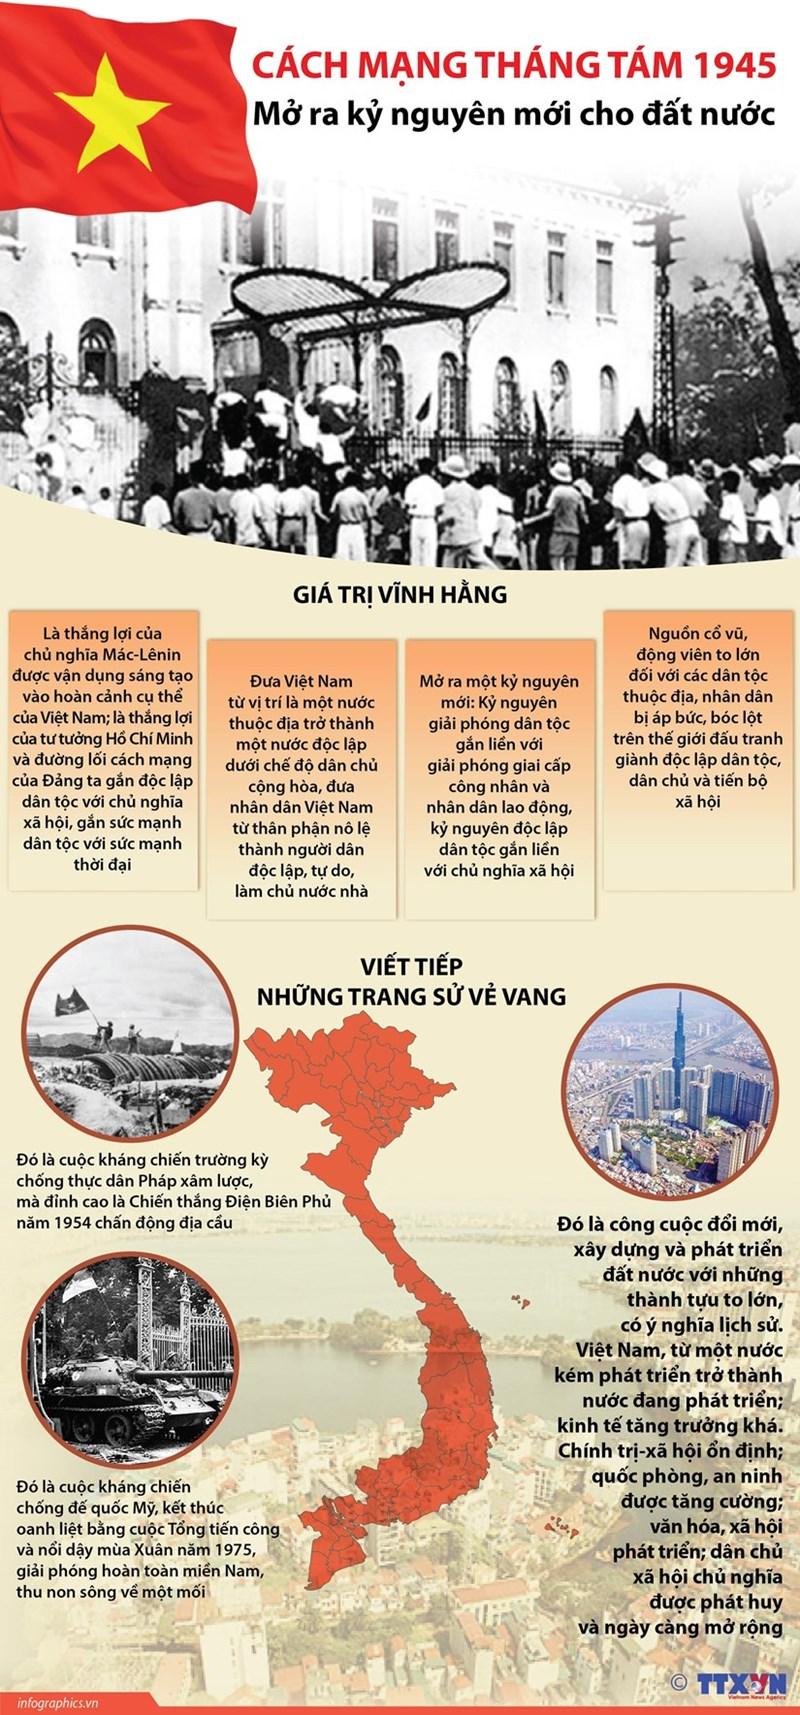 [Infographic] Cách mạng Tháng Tám 1945: Mở ra kỷ nguyên mới cho đất nước - Ảnh 1